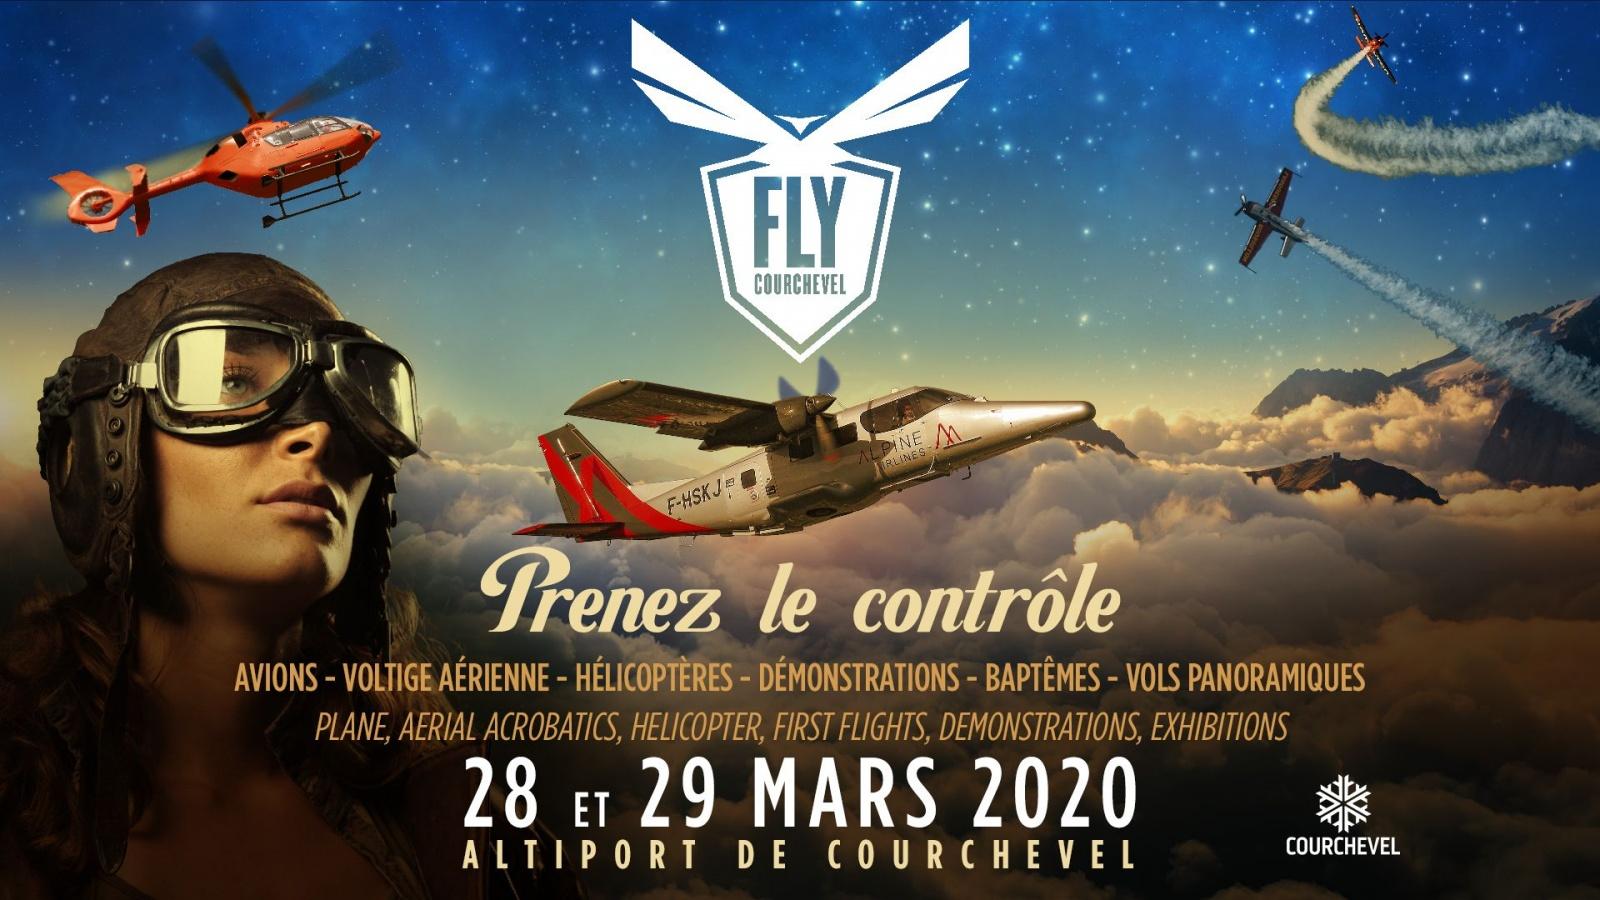 Fly Courchevel 2020 Equipe de voltige de l armee de l'air Altiport de Courchevel Auvergne-Rhone-Alpes